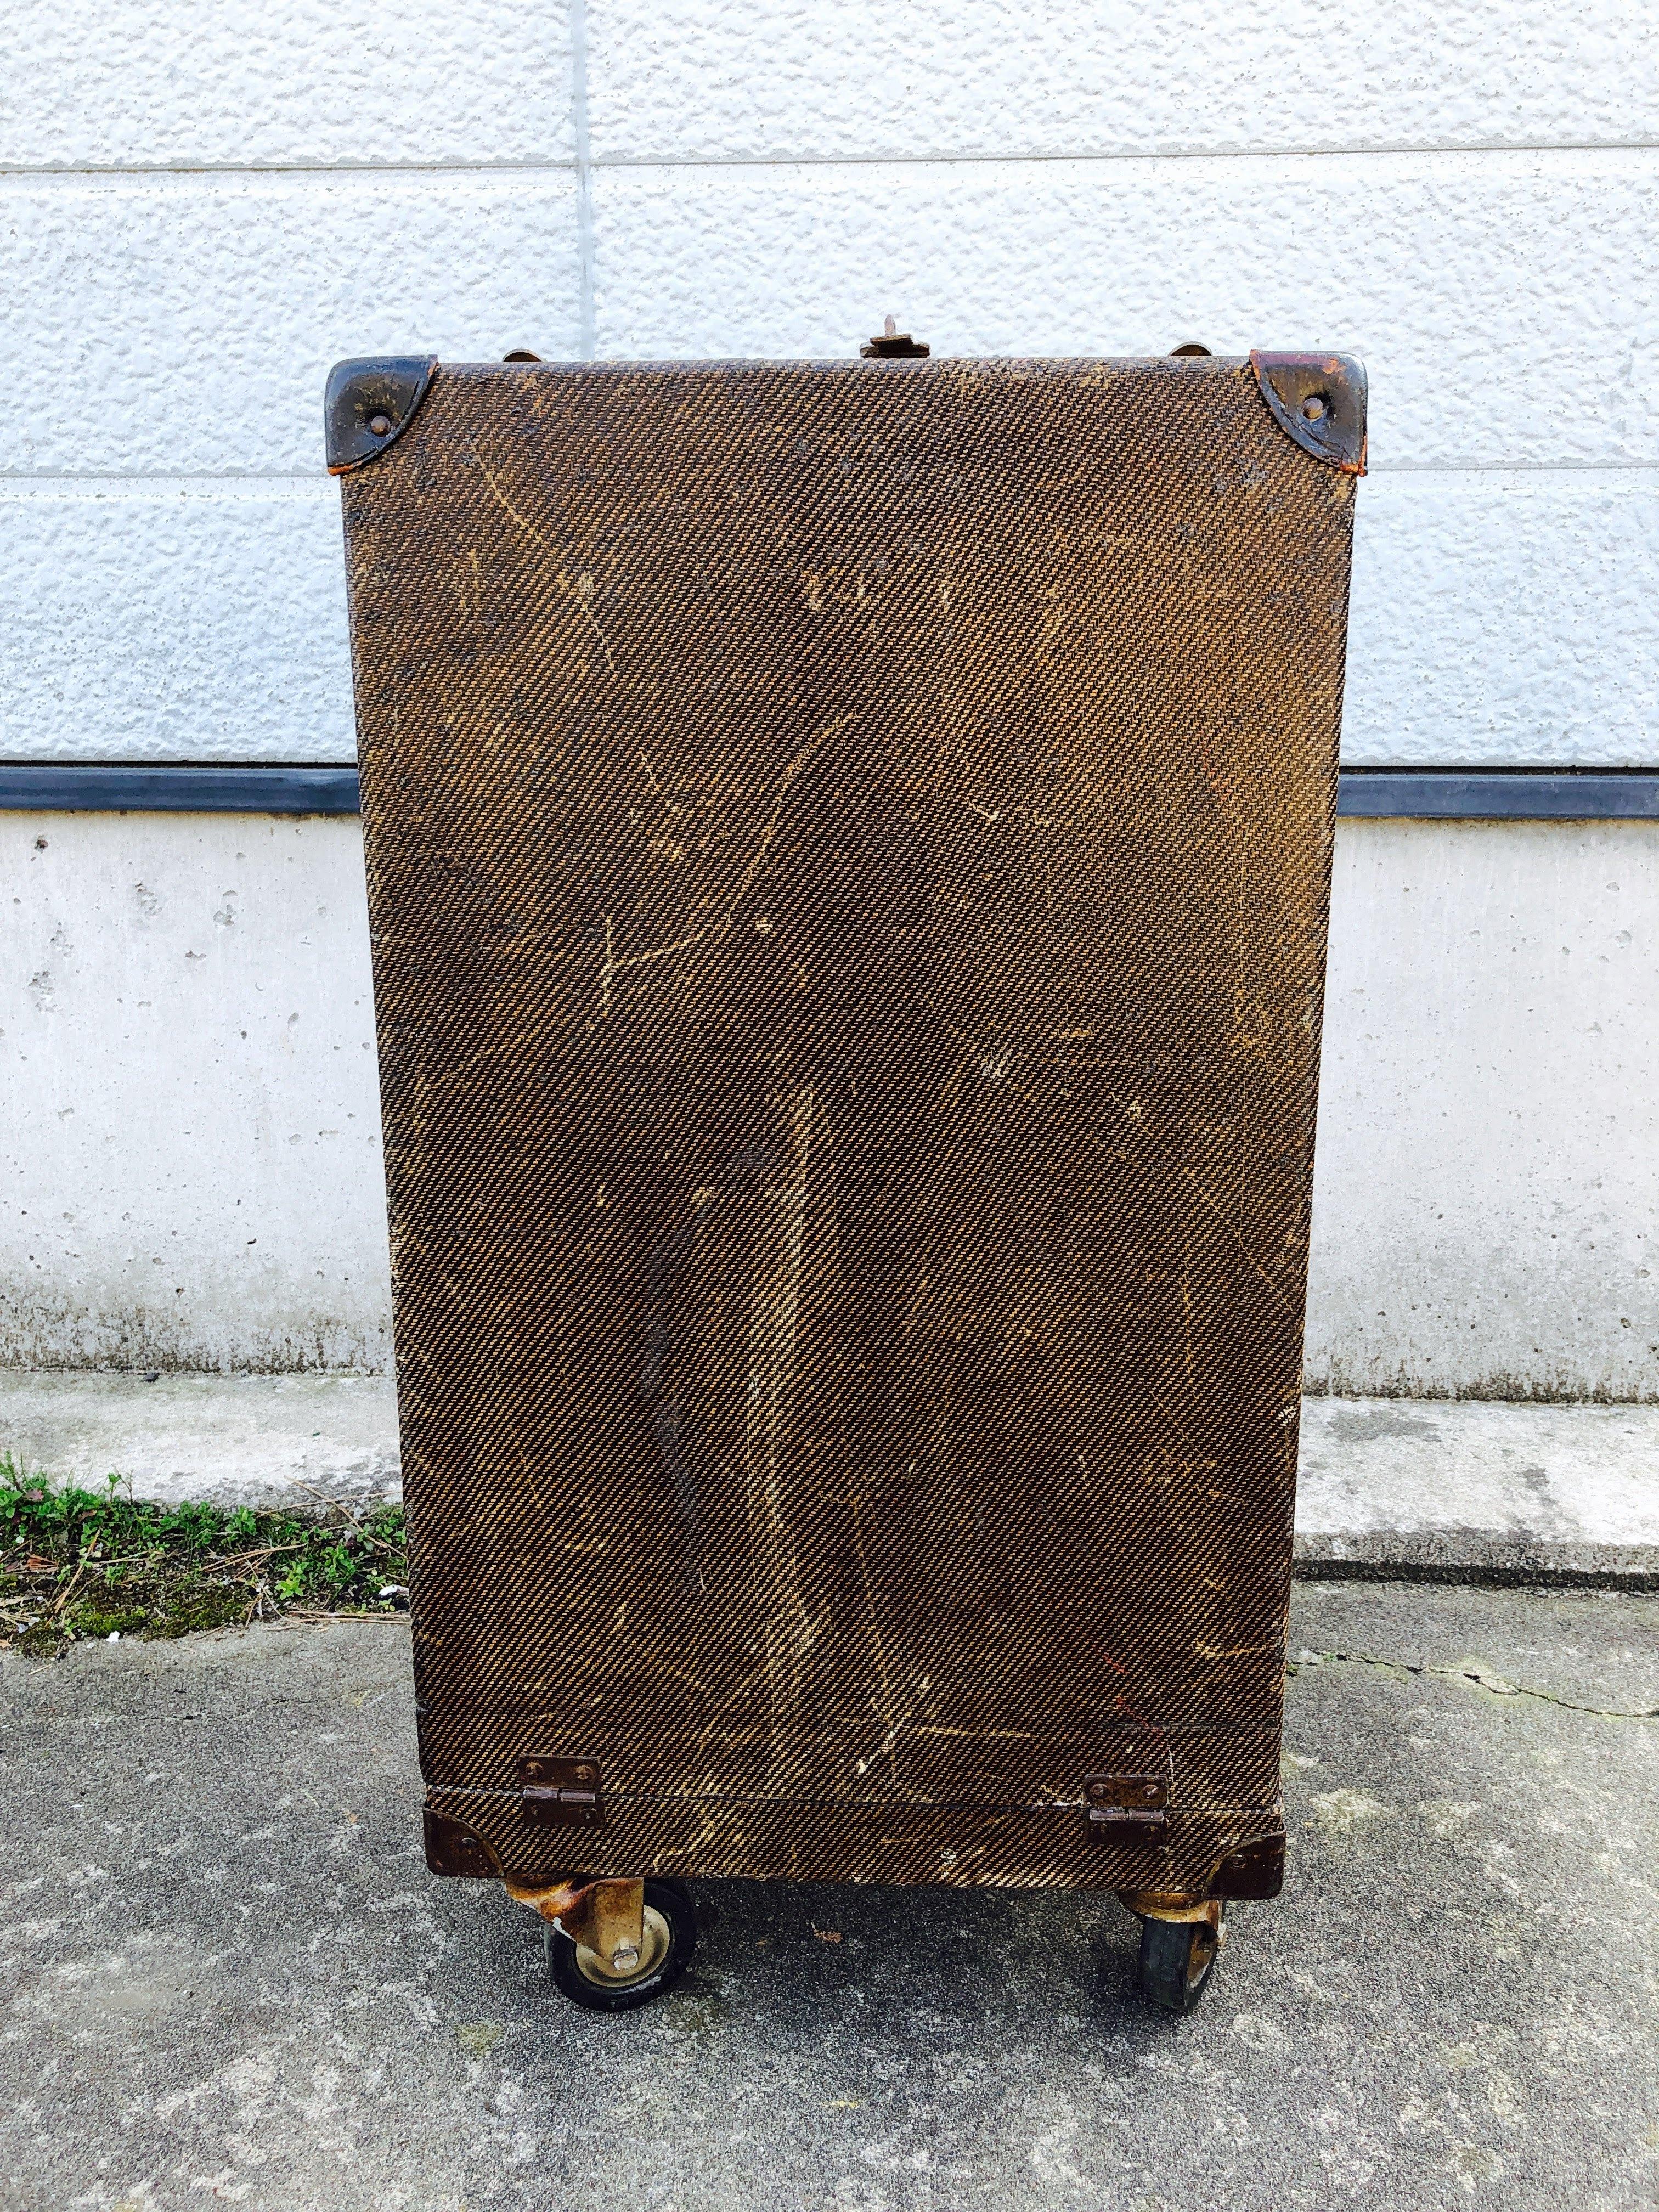 品番0174 スーツケース トランク ブラウン アンティーク トラベルケース ヴィンテージ